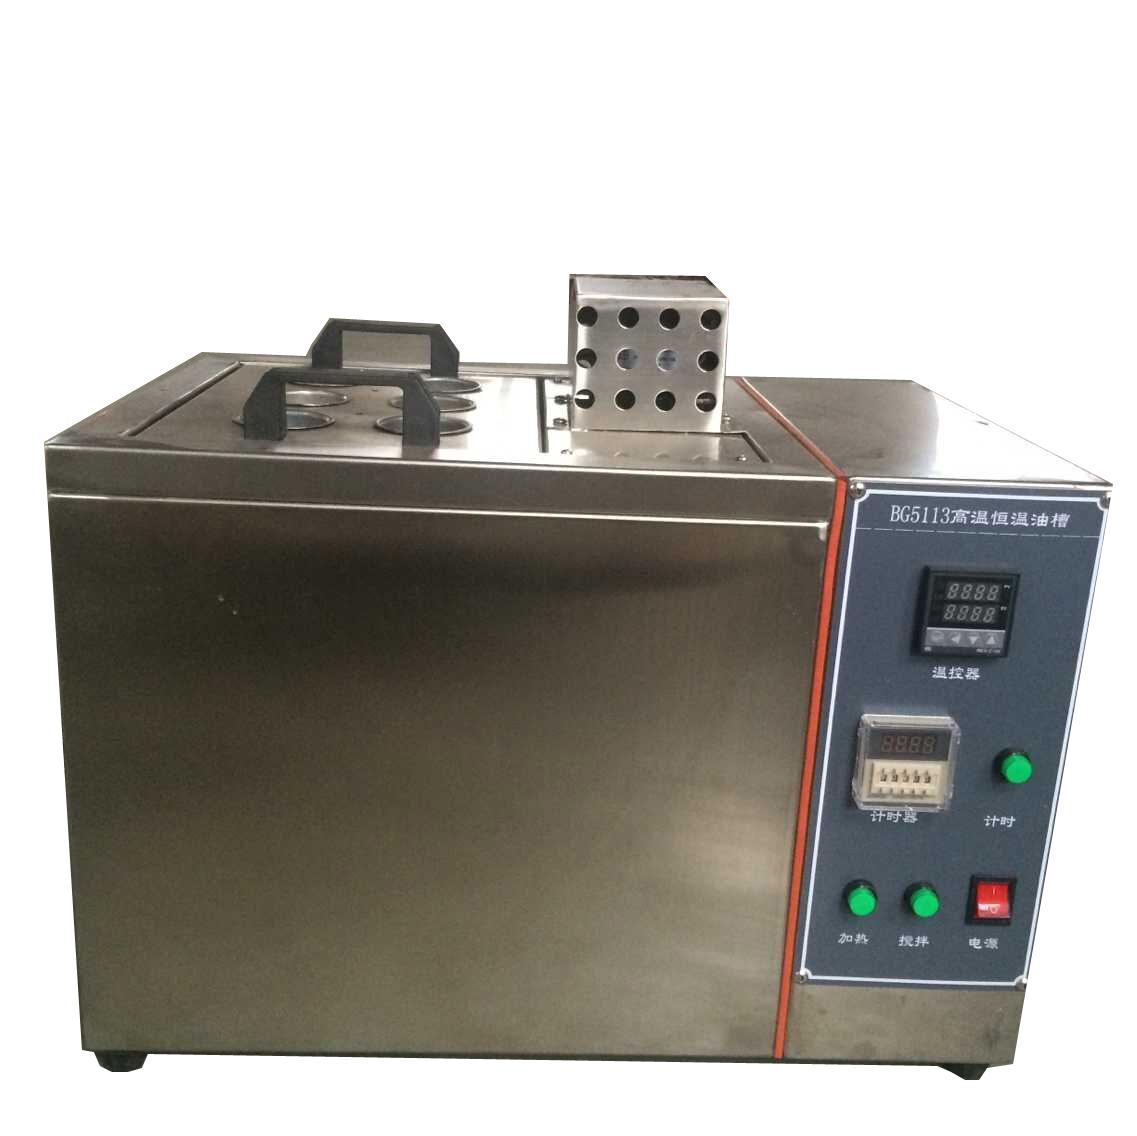 BG5113高温恒温油槽